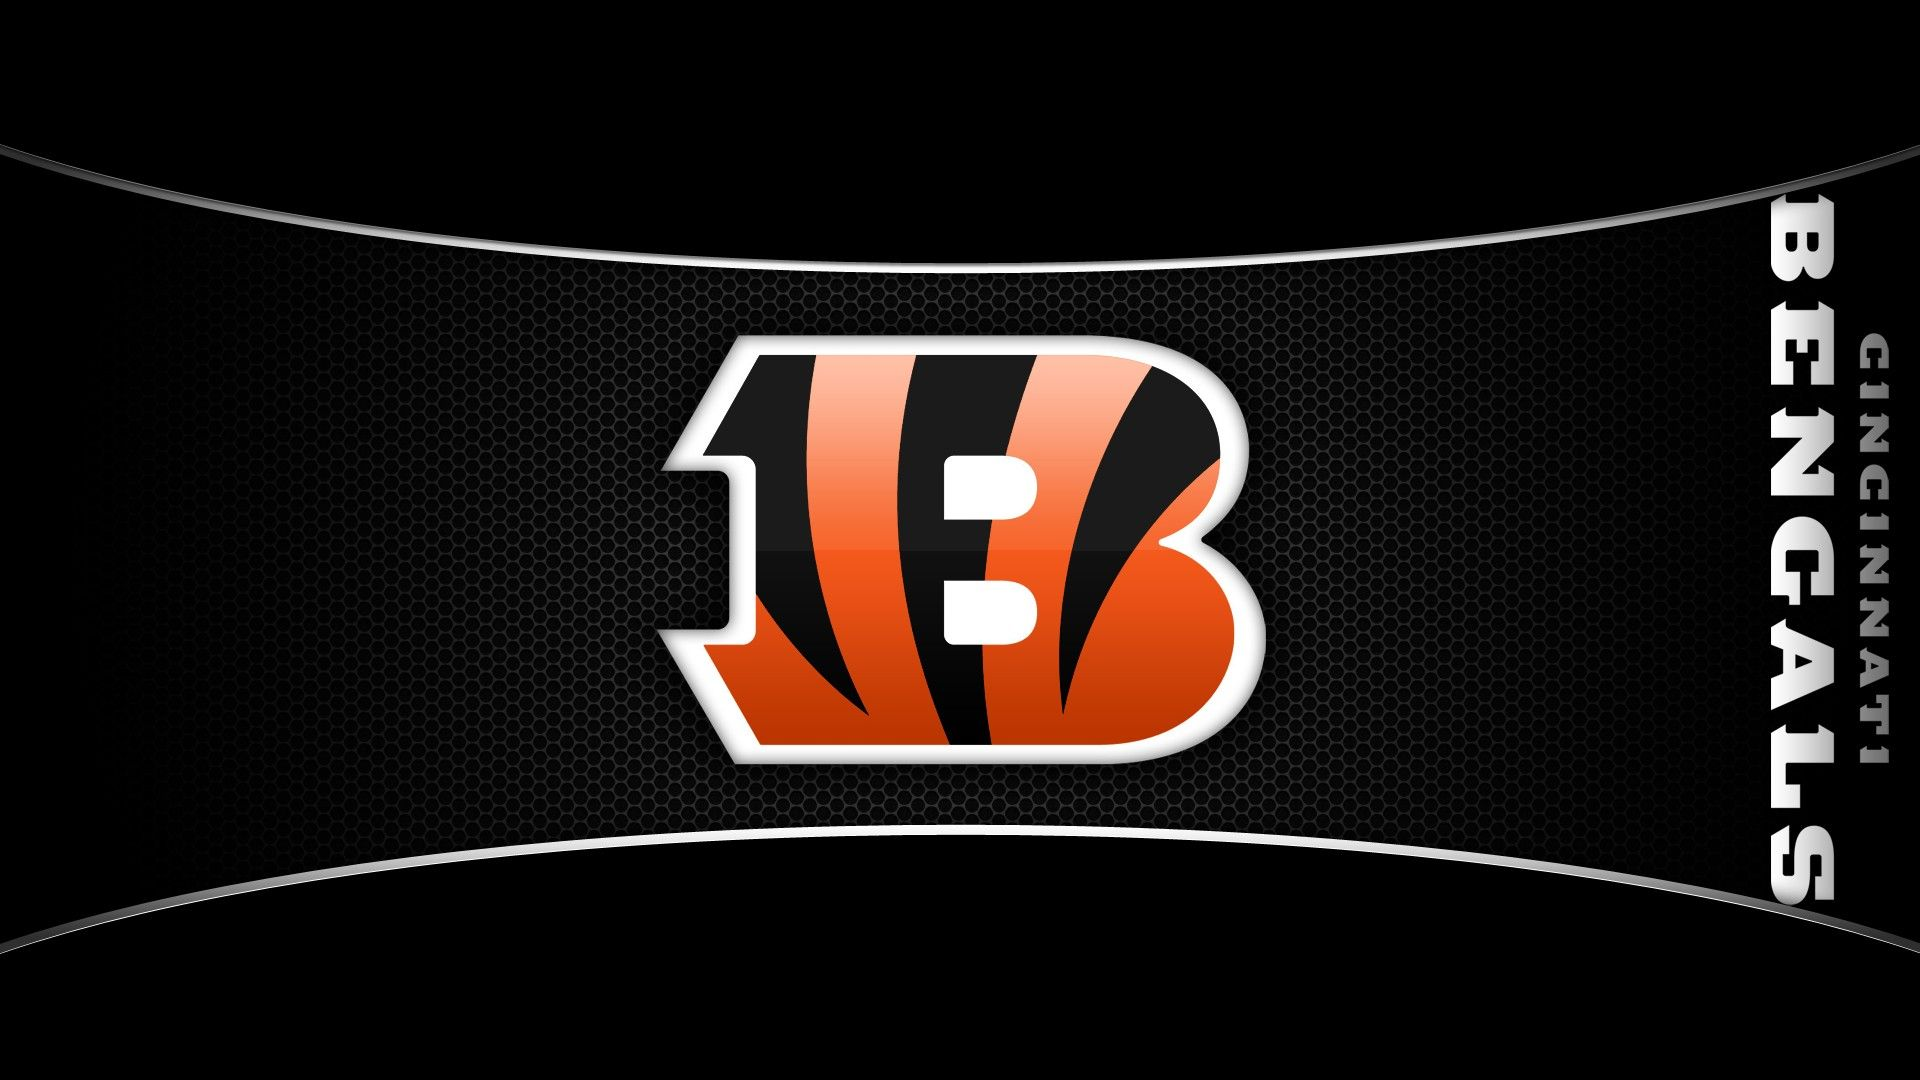 Cincinnati Bengals Wallpaper 2021 Nfl Football Wallpapers Cincinnati Bengals Bengals Nfl Teams Logos